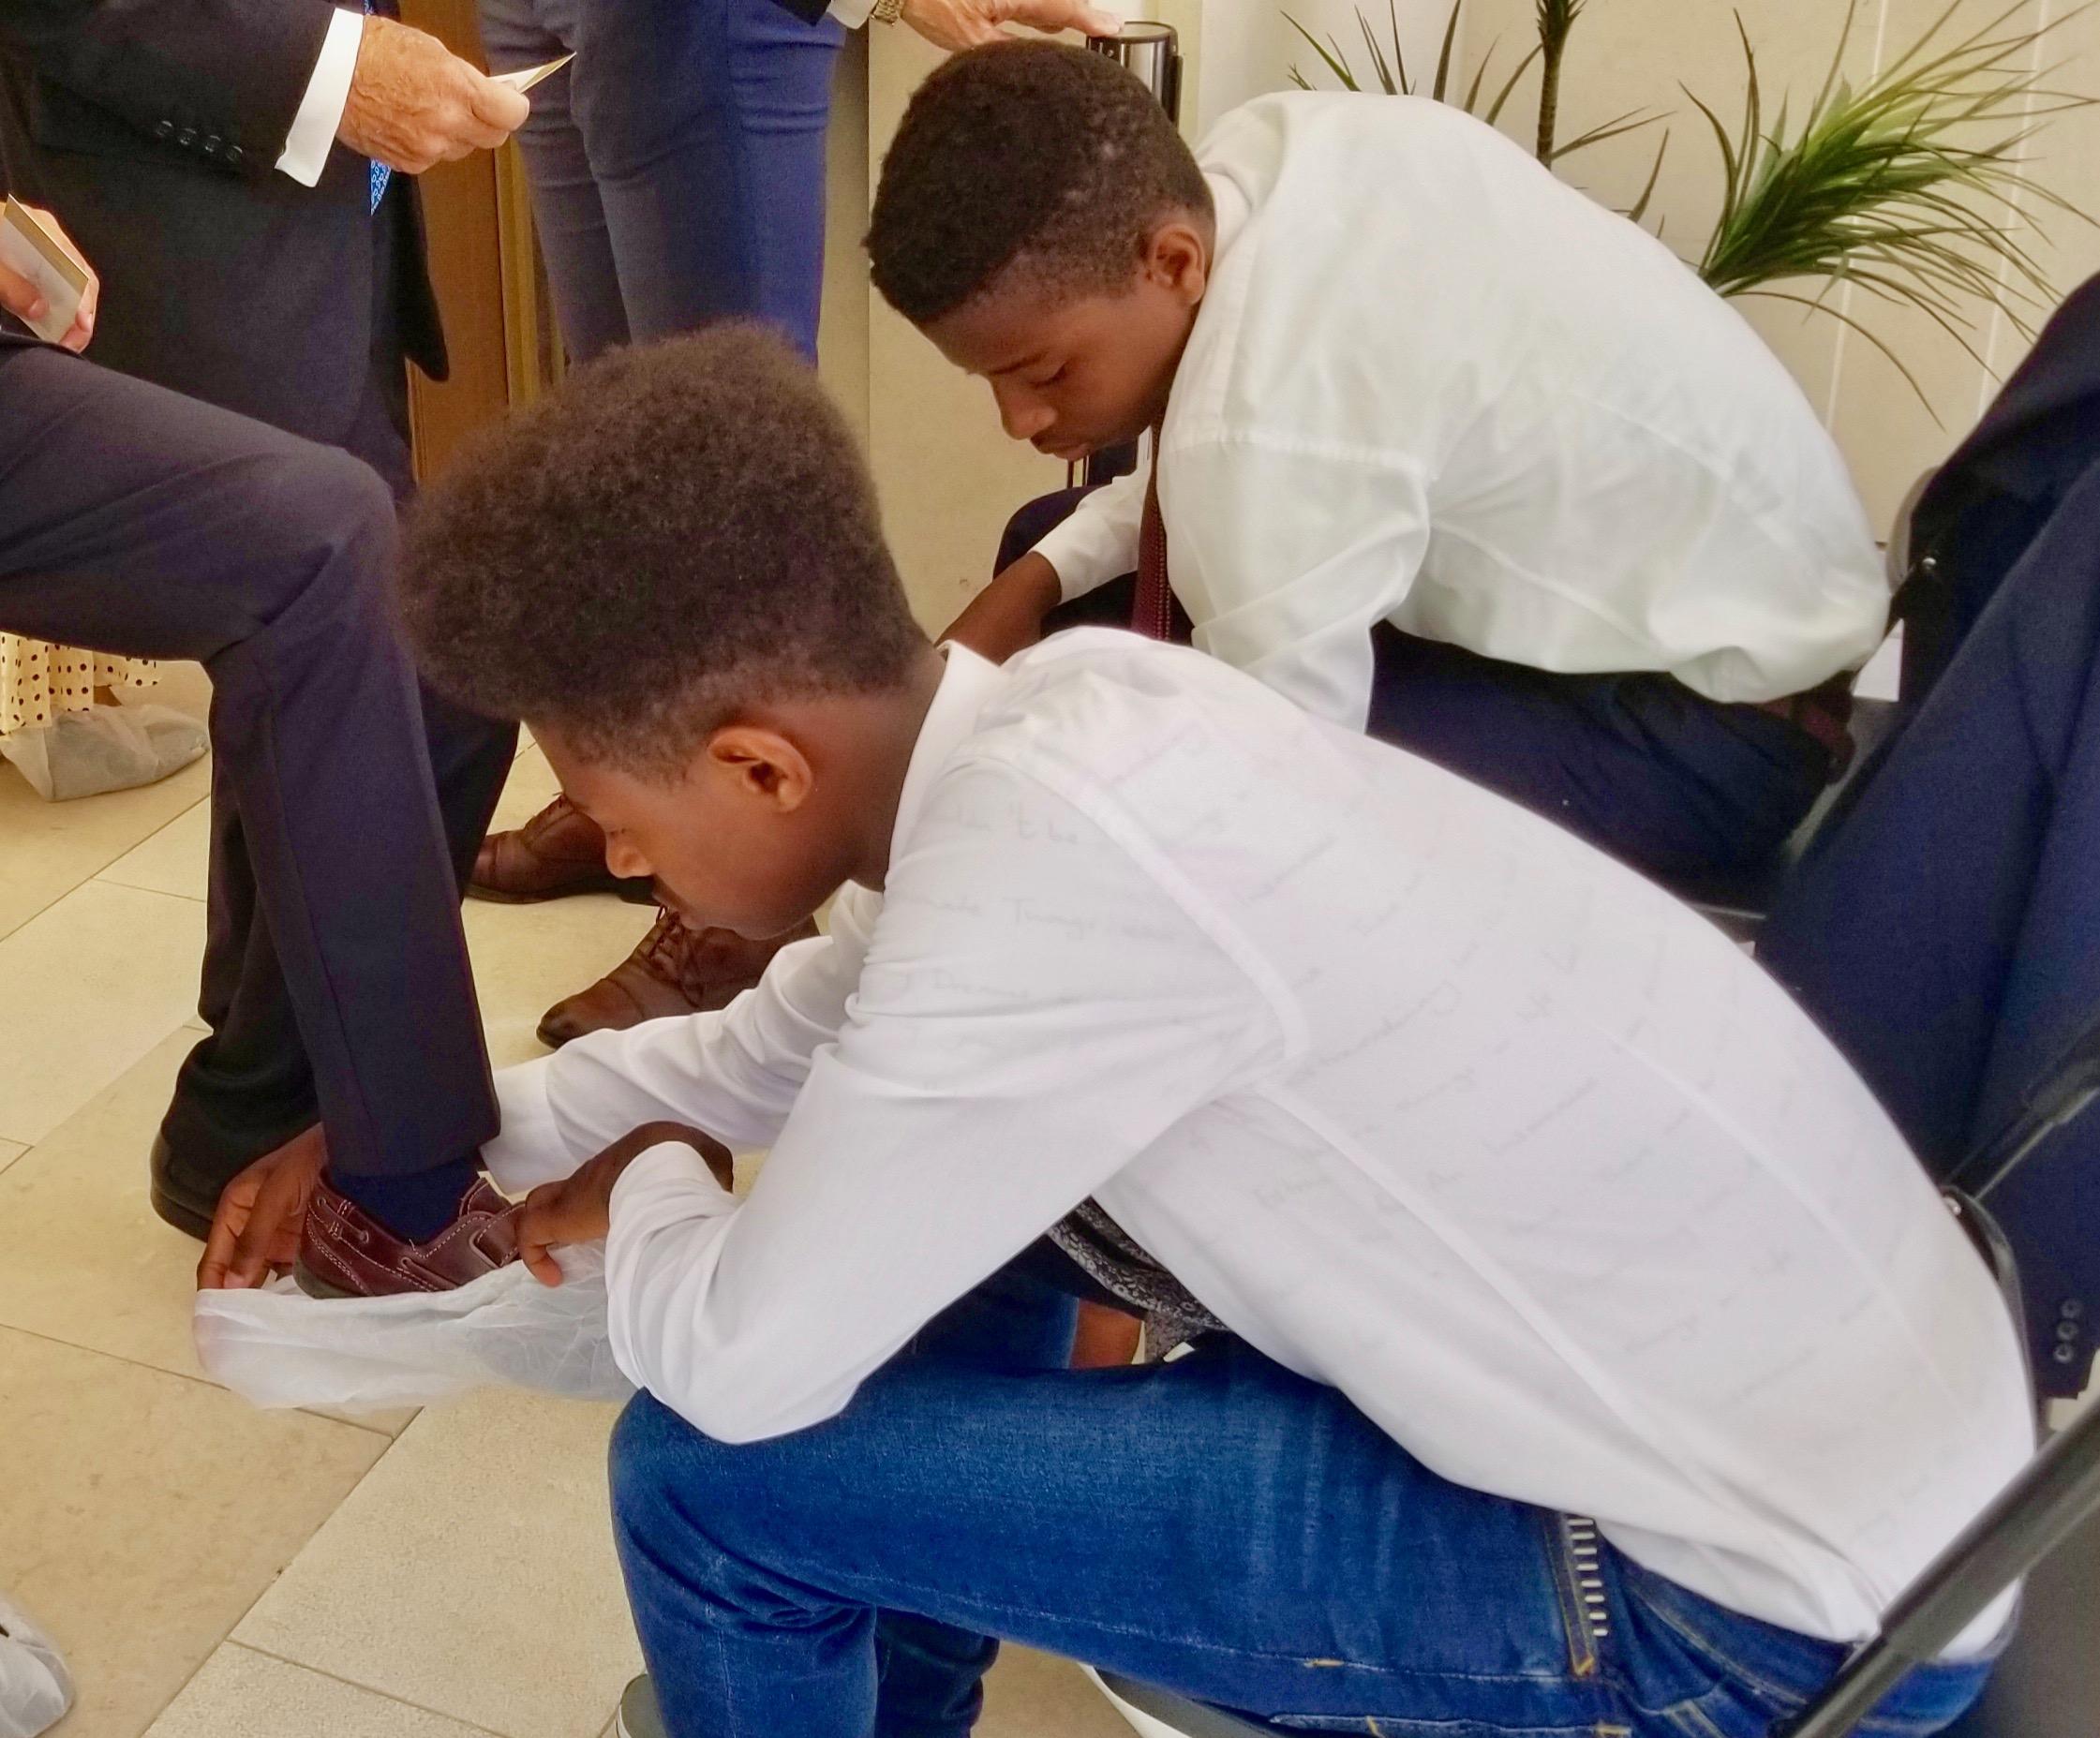 Hombres jóvenes ayudan a los asistentes a la dedicación del templo a ponerse los cobertores de zapatos fuera del Templo de Lisboa Portugal, el domingo, 15 de septiembre de 2019.